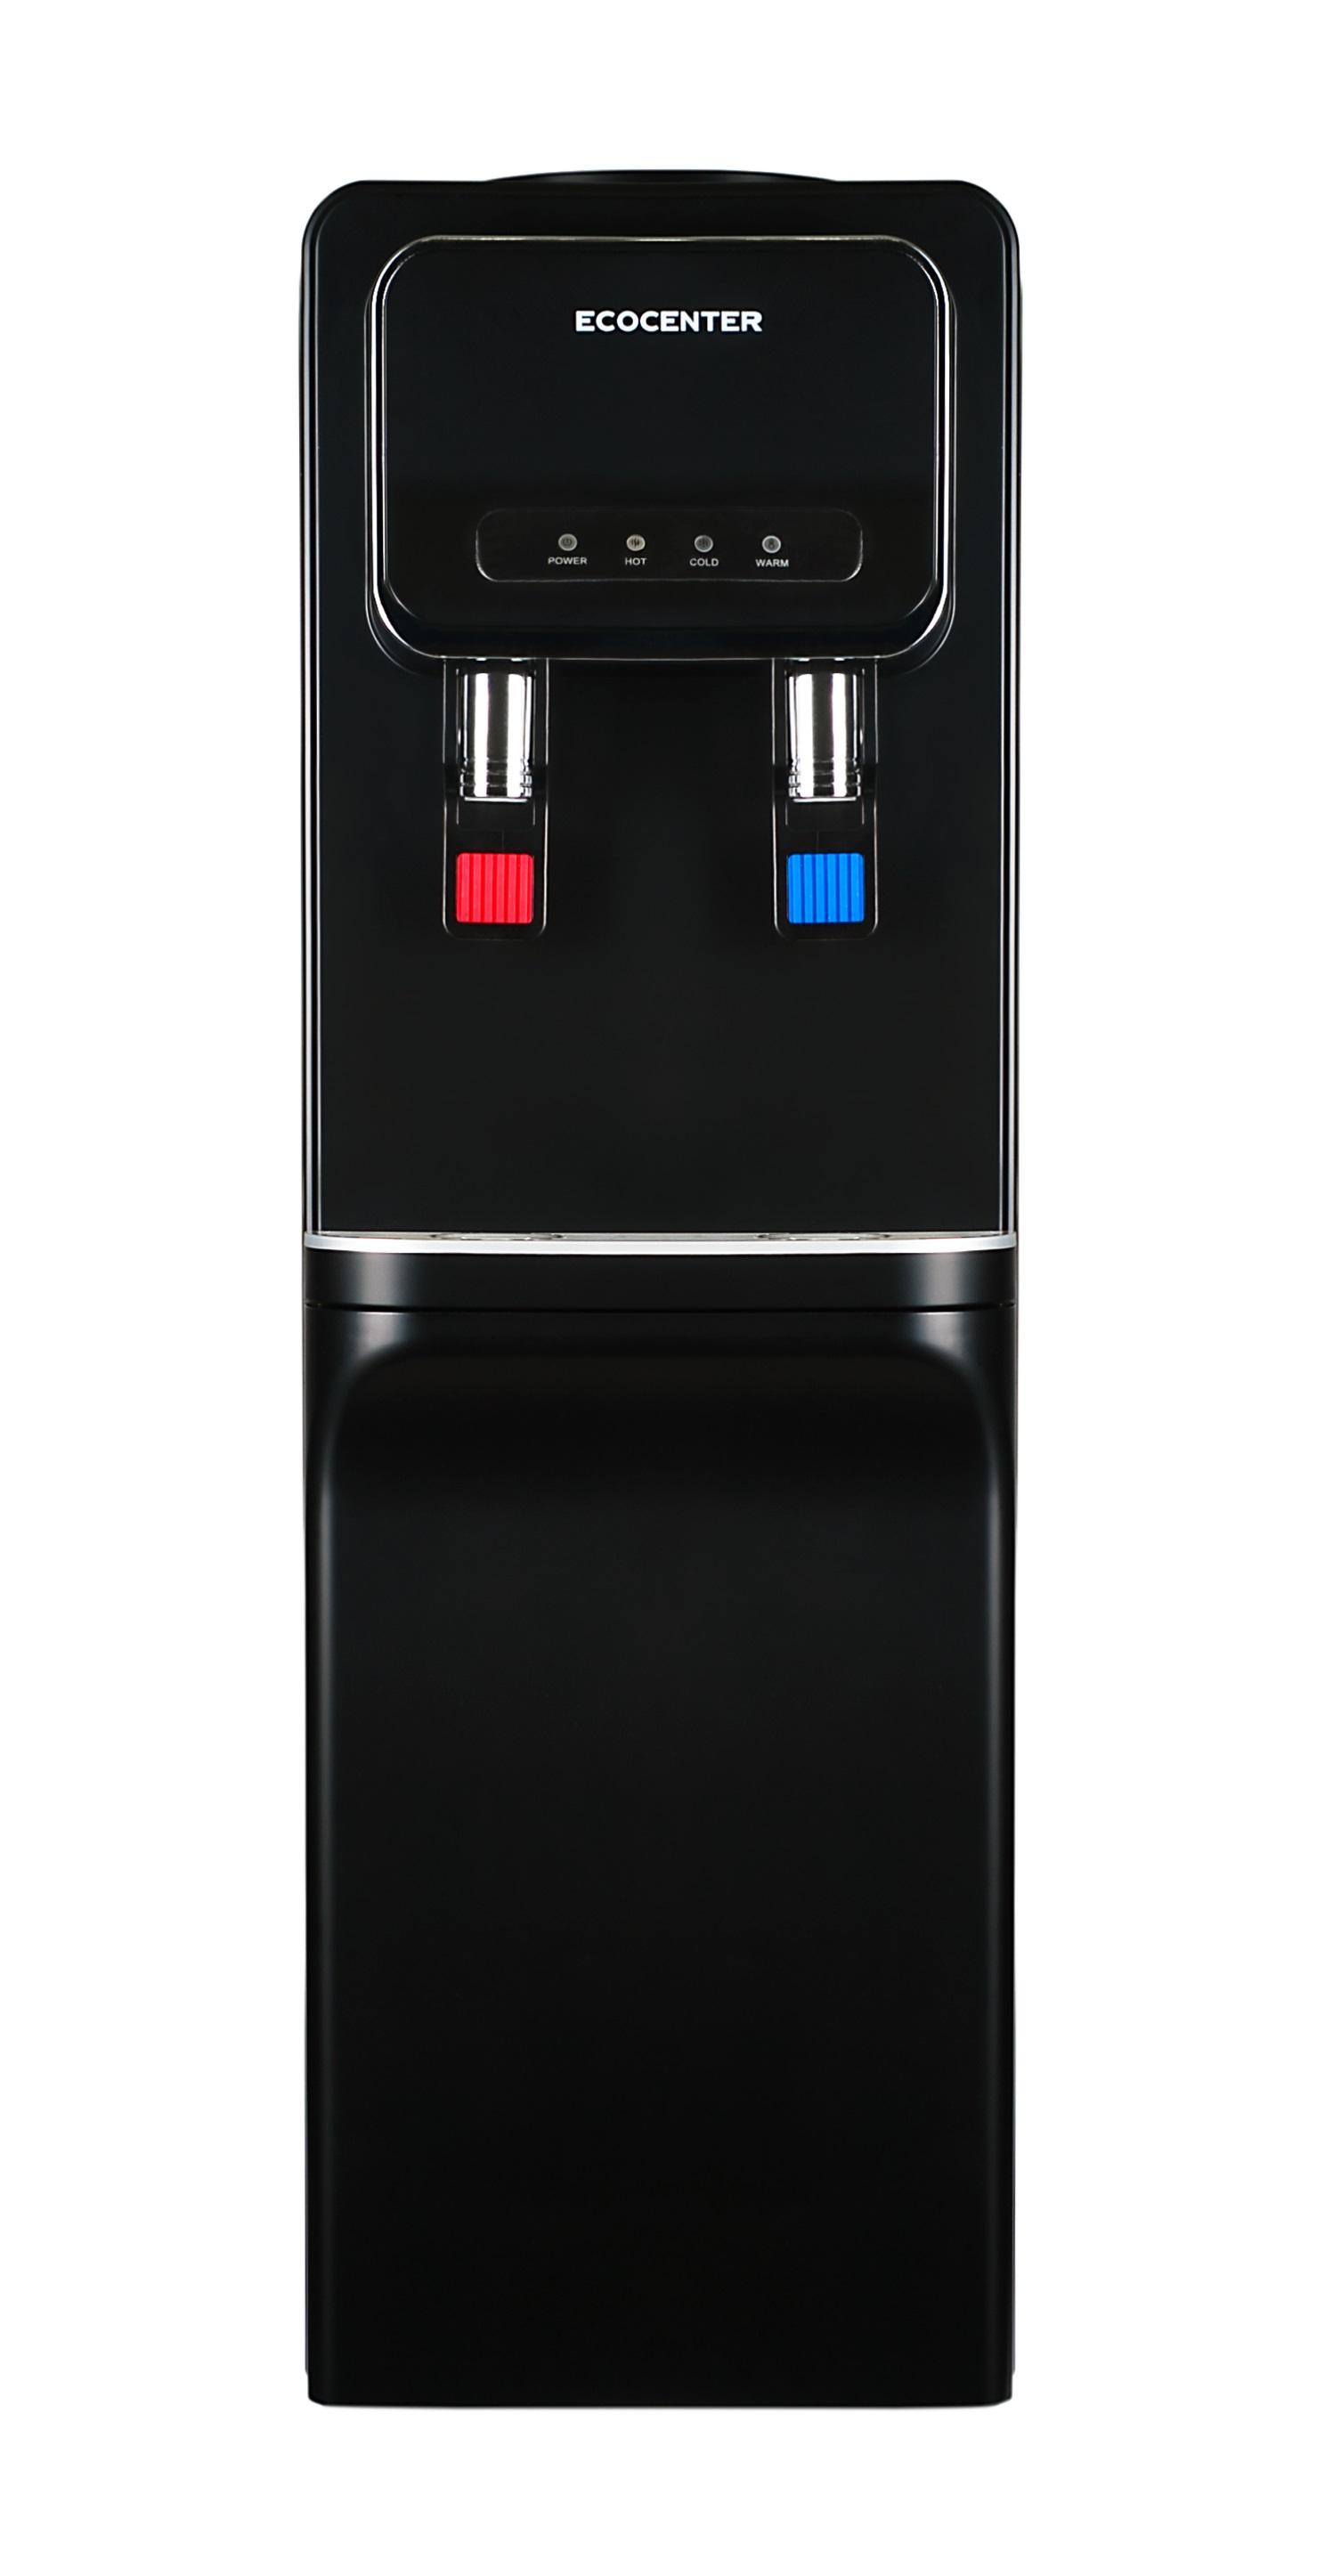 Кулер для воды ECOCENTER G-F93EC черный